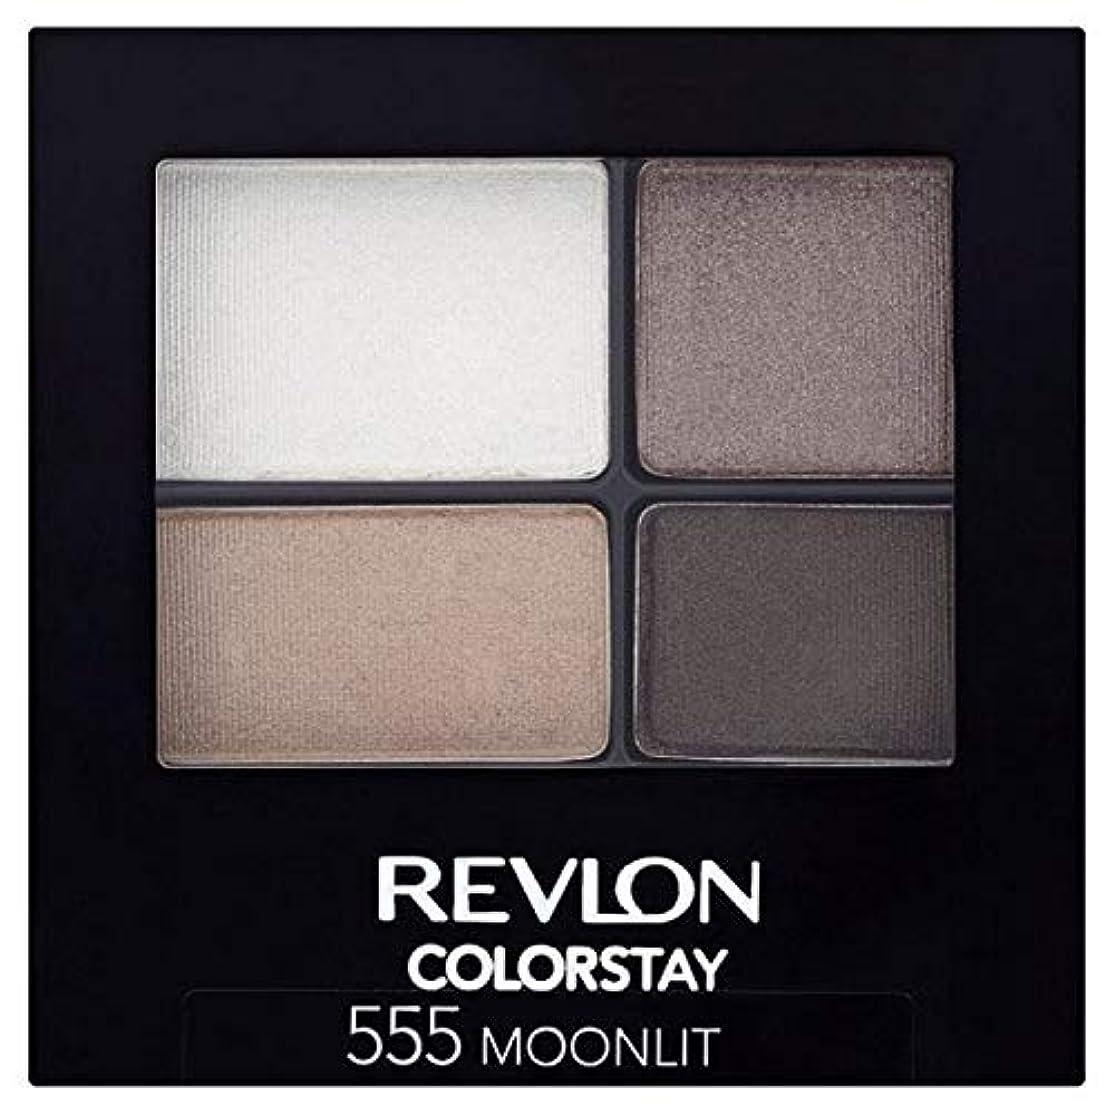 モード狂乱先[Revlon ] レブロンColorstay 16時間のアイシャドウは555月光 - Revlon Colorstay 16 Hour Eye Shadow Moonlight 555 [並行輸入品]